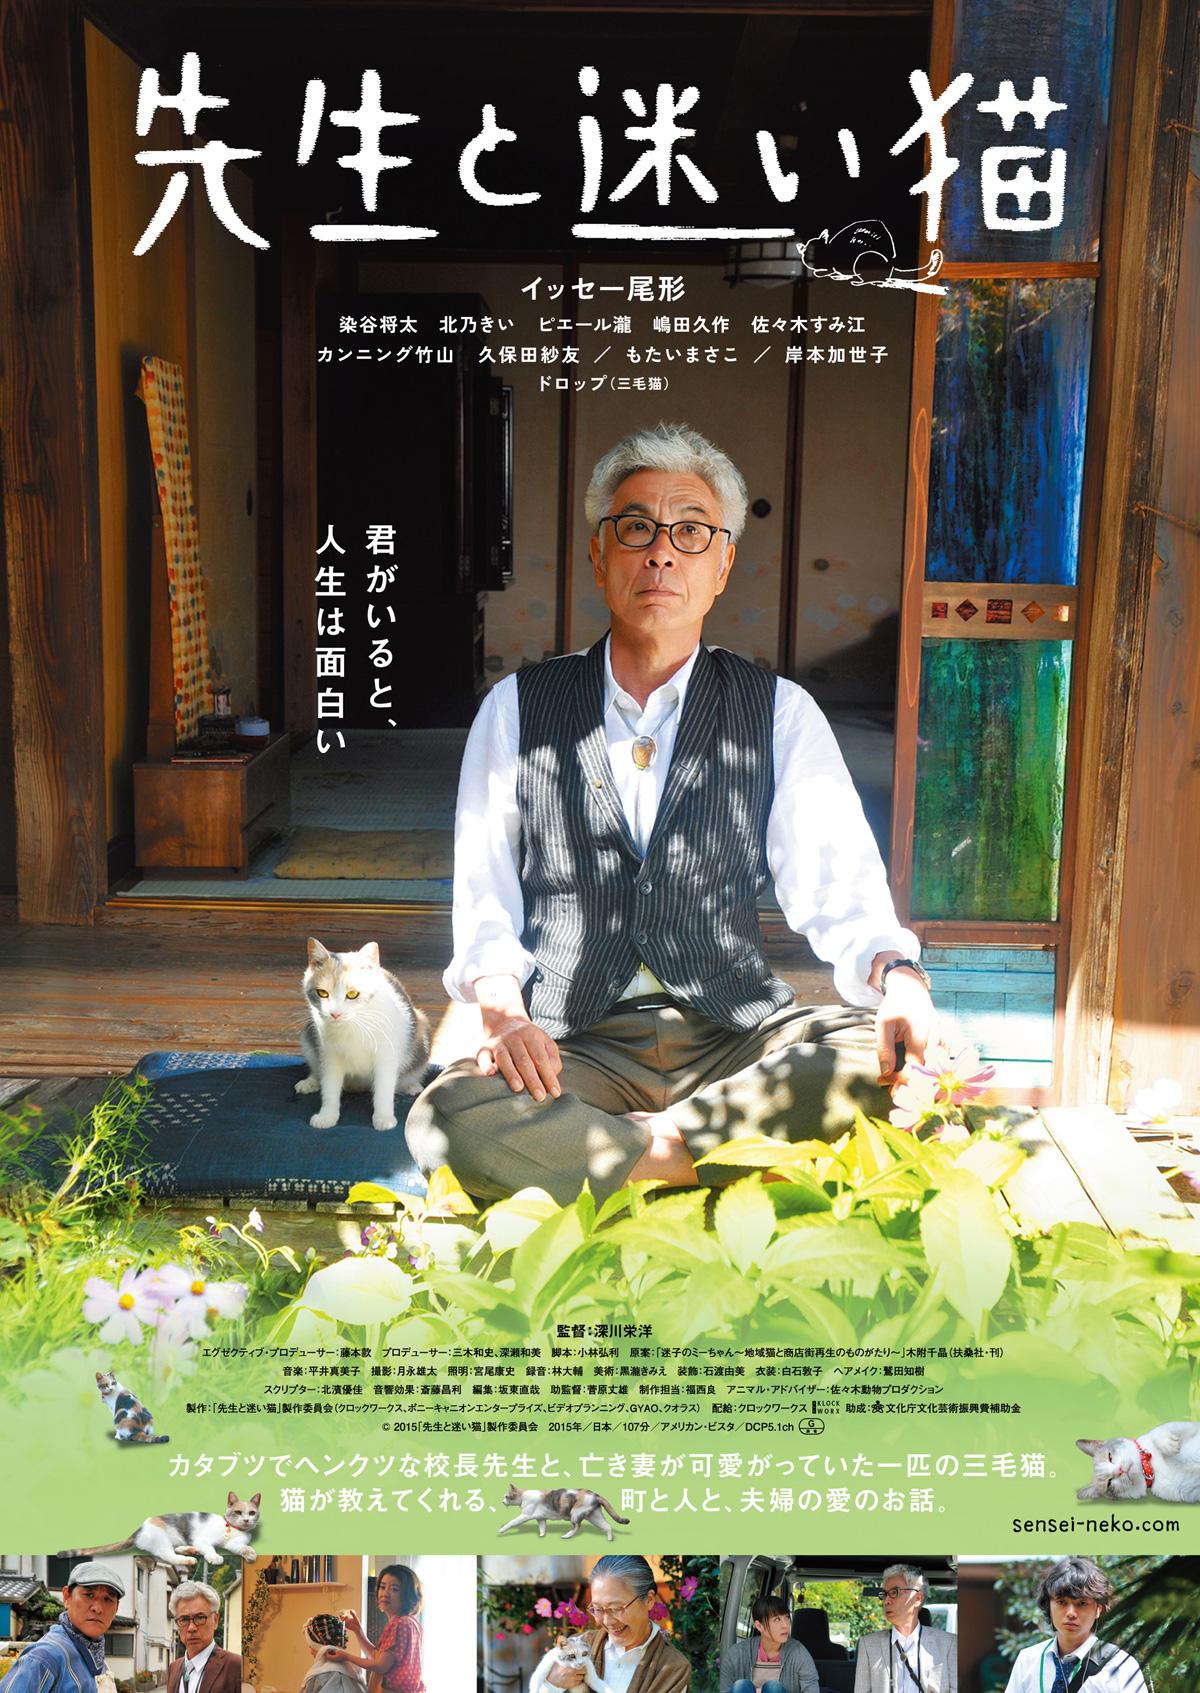 映画「先生と迷い猫」のネタバレ&あらすじと結末を徹底解説 深川栄洋